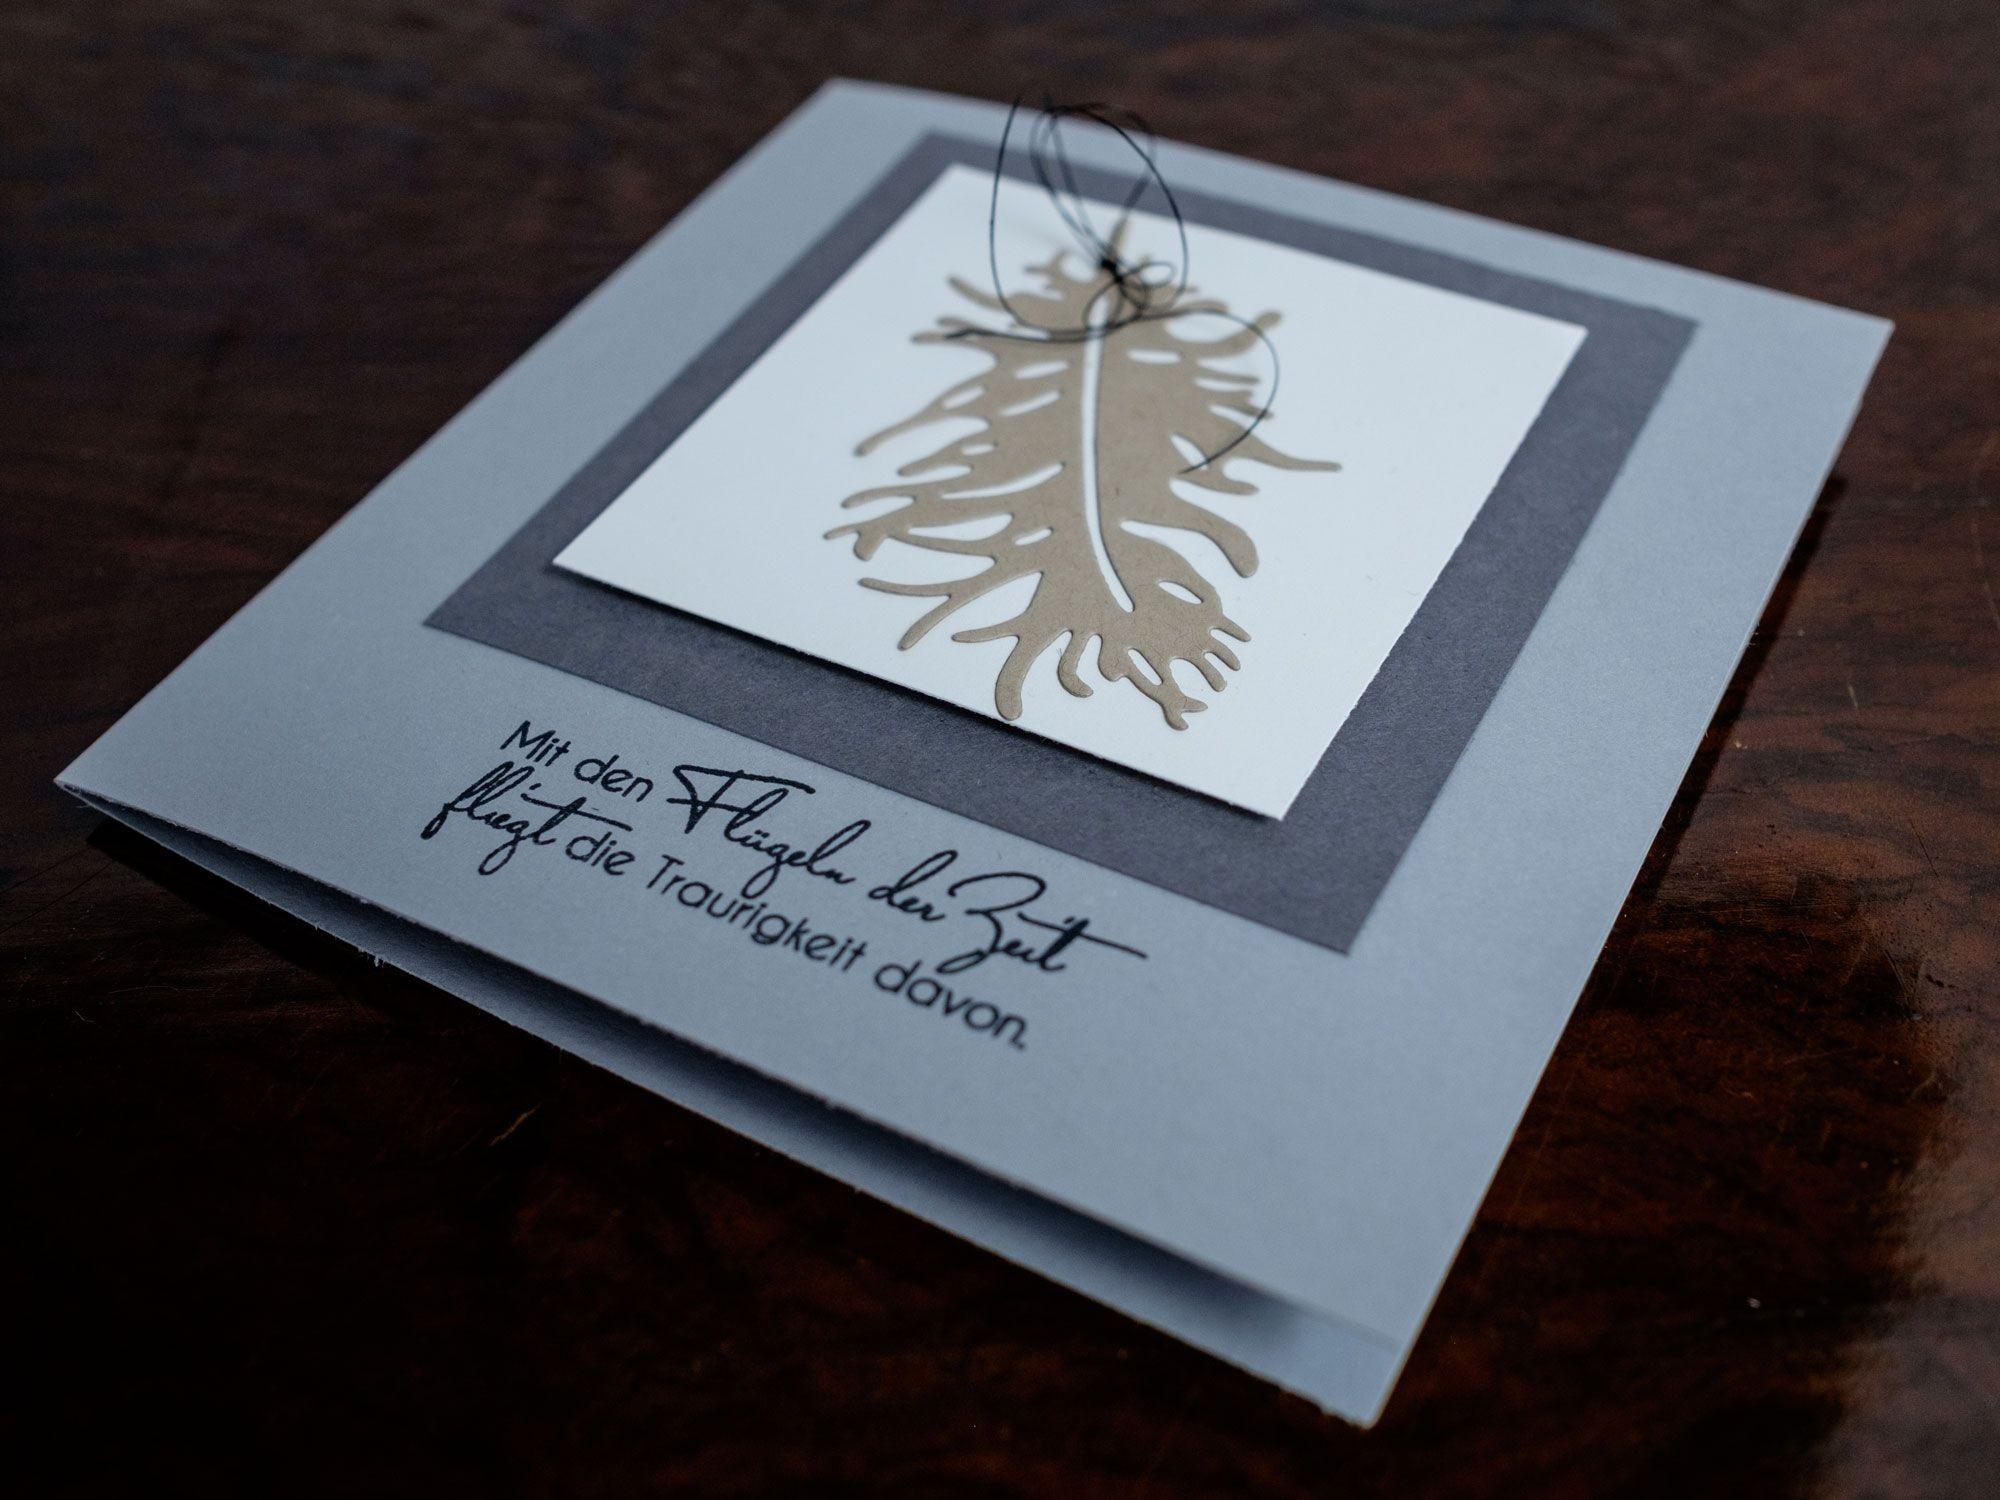 Wow Papercraft Trauerkarte Trauerkarten Pinterest